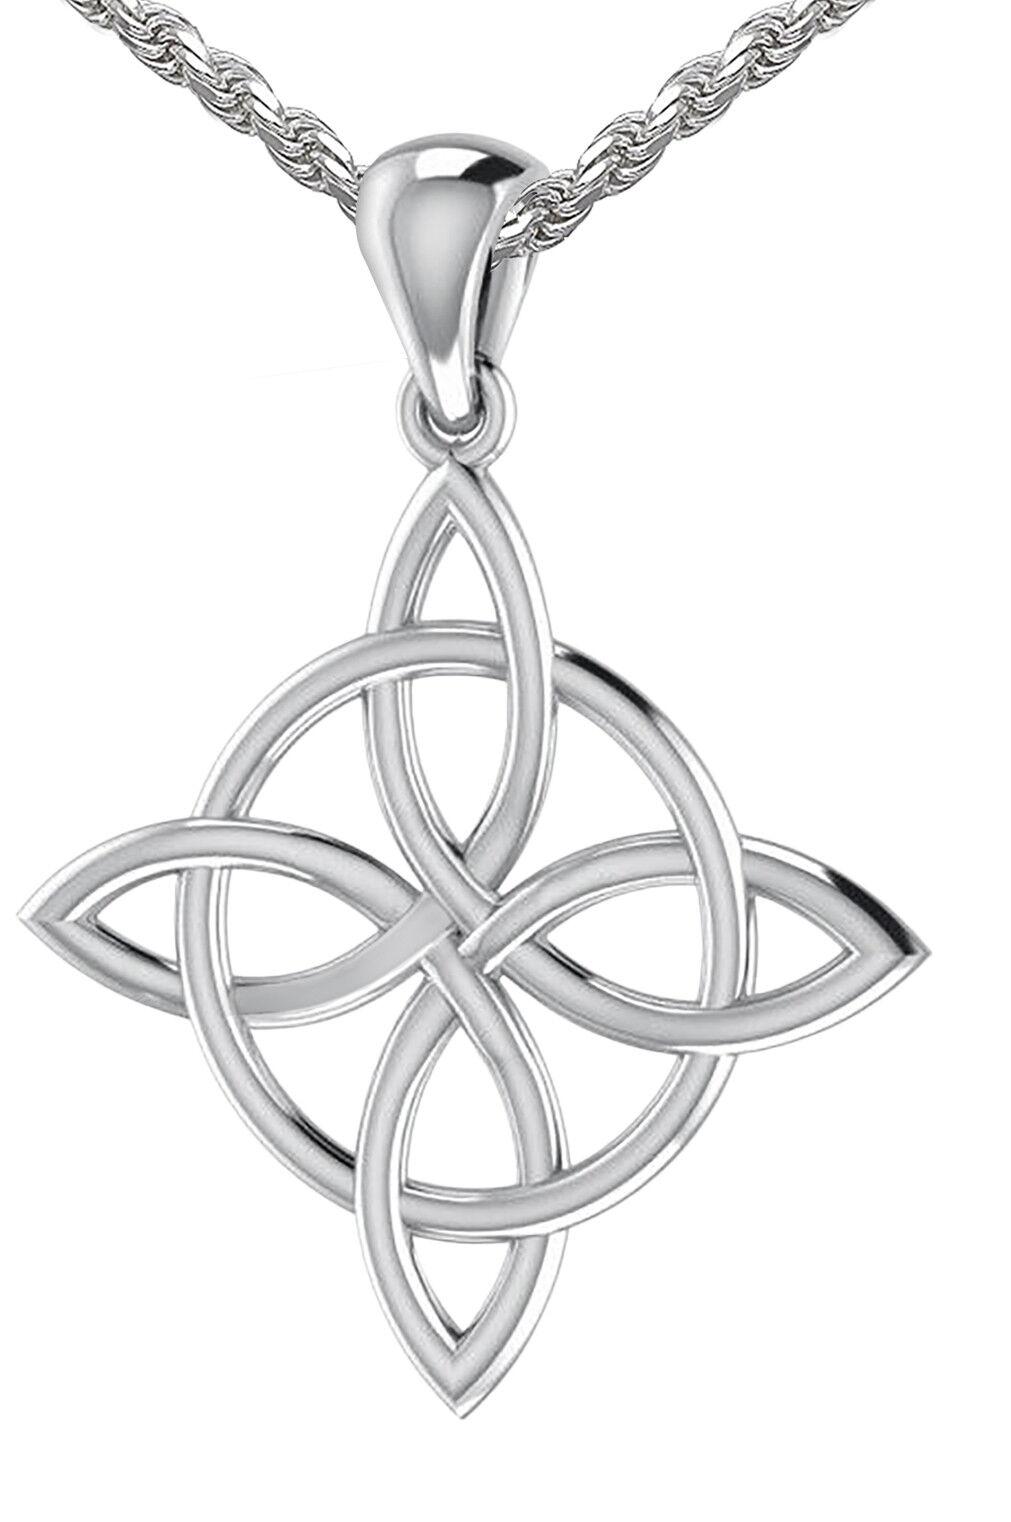 Neu Silbern /& Roségold Irisch Celtic Dreiheitsknoten Herz Halskette Schmuck